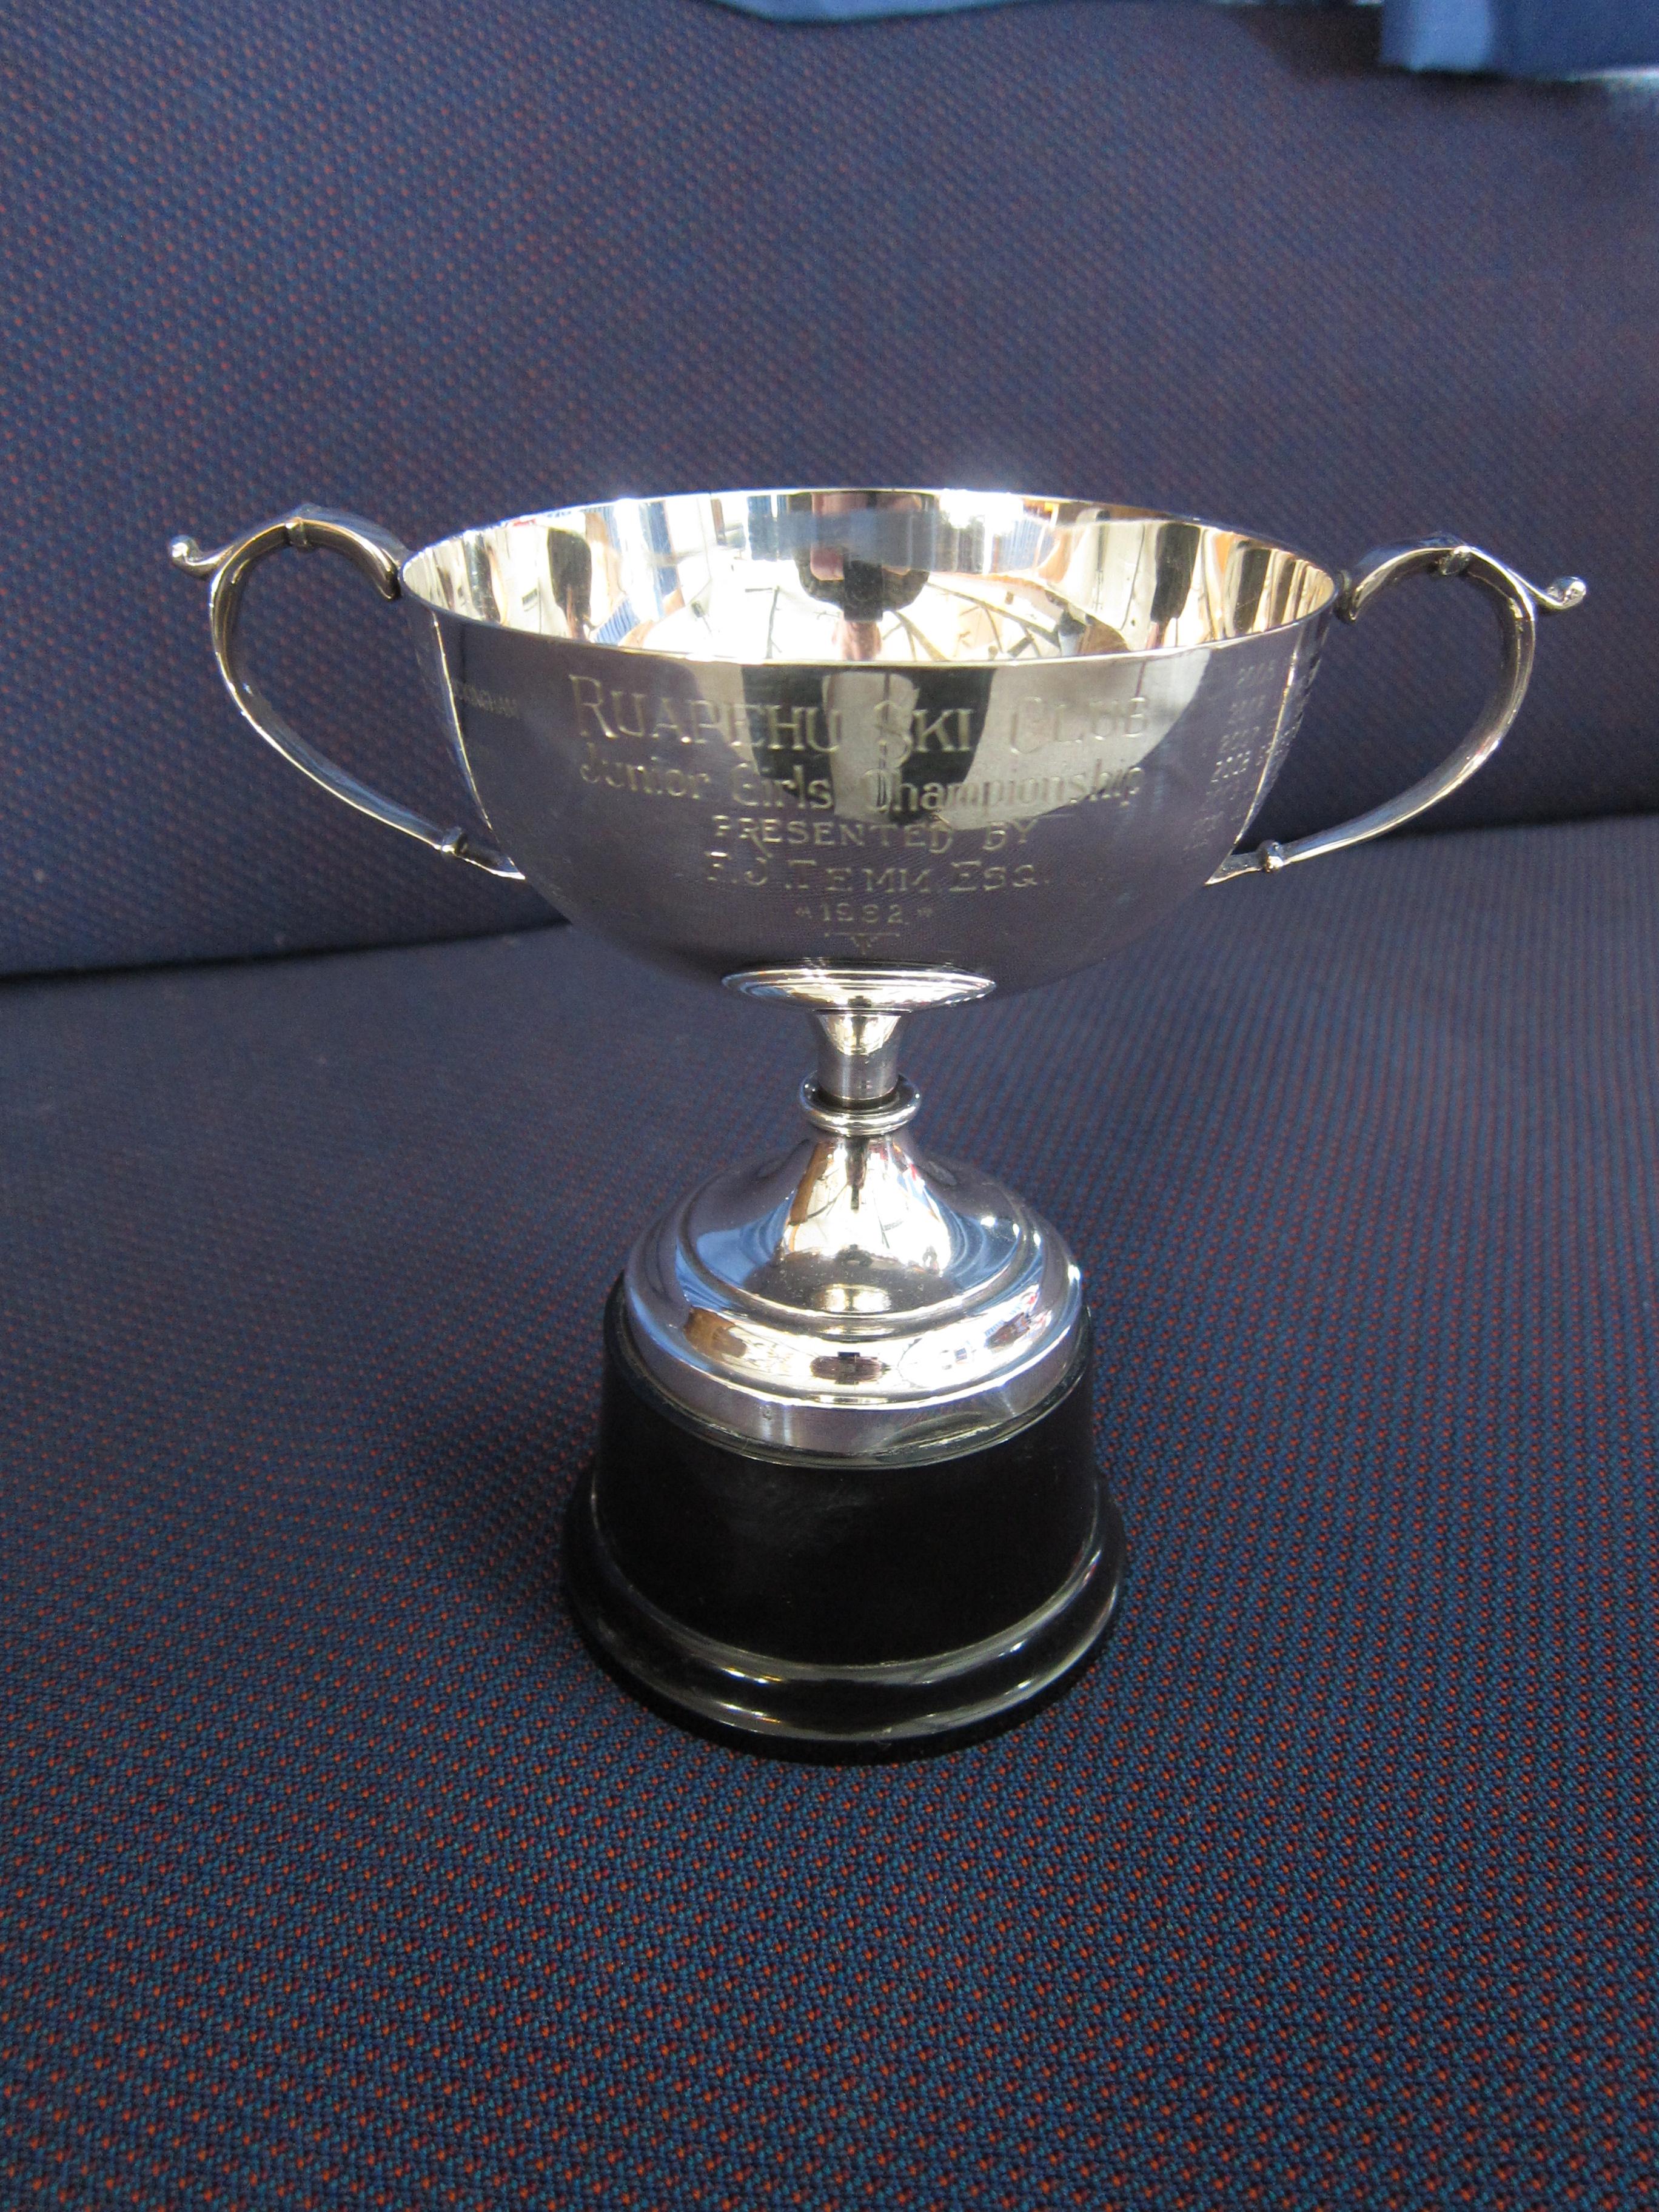 Temm_Cup.JPG